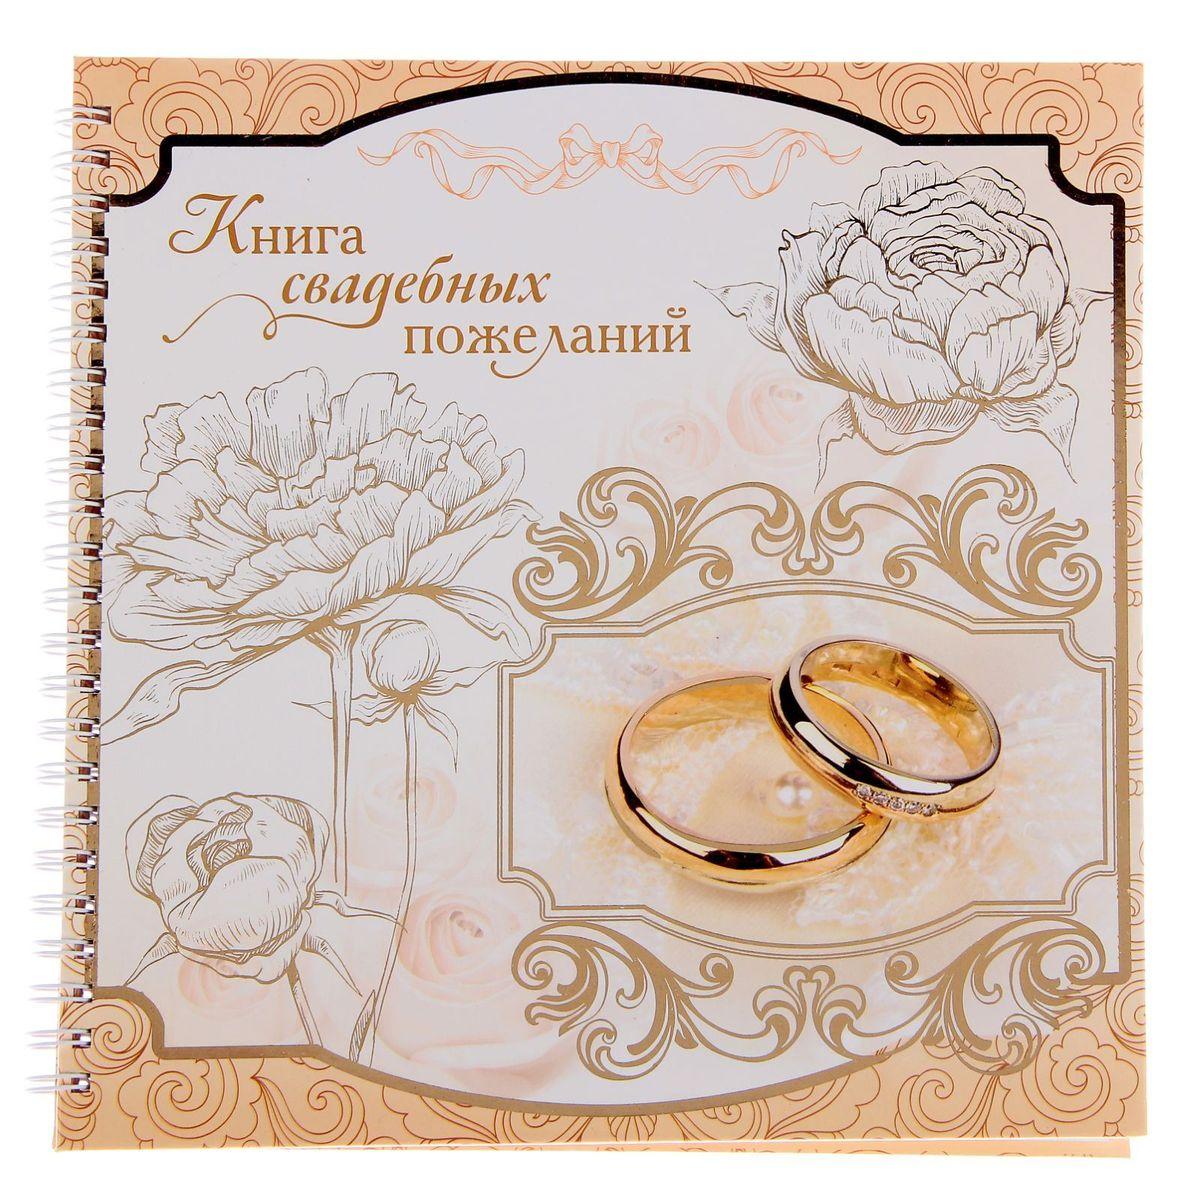 Стоматологам открытки, открытка к свадьбе список